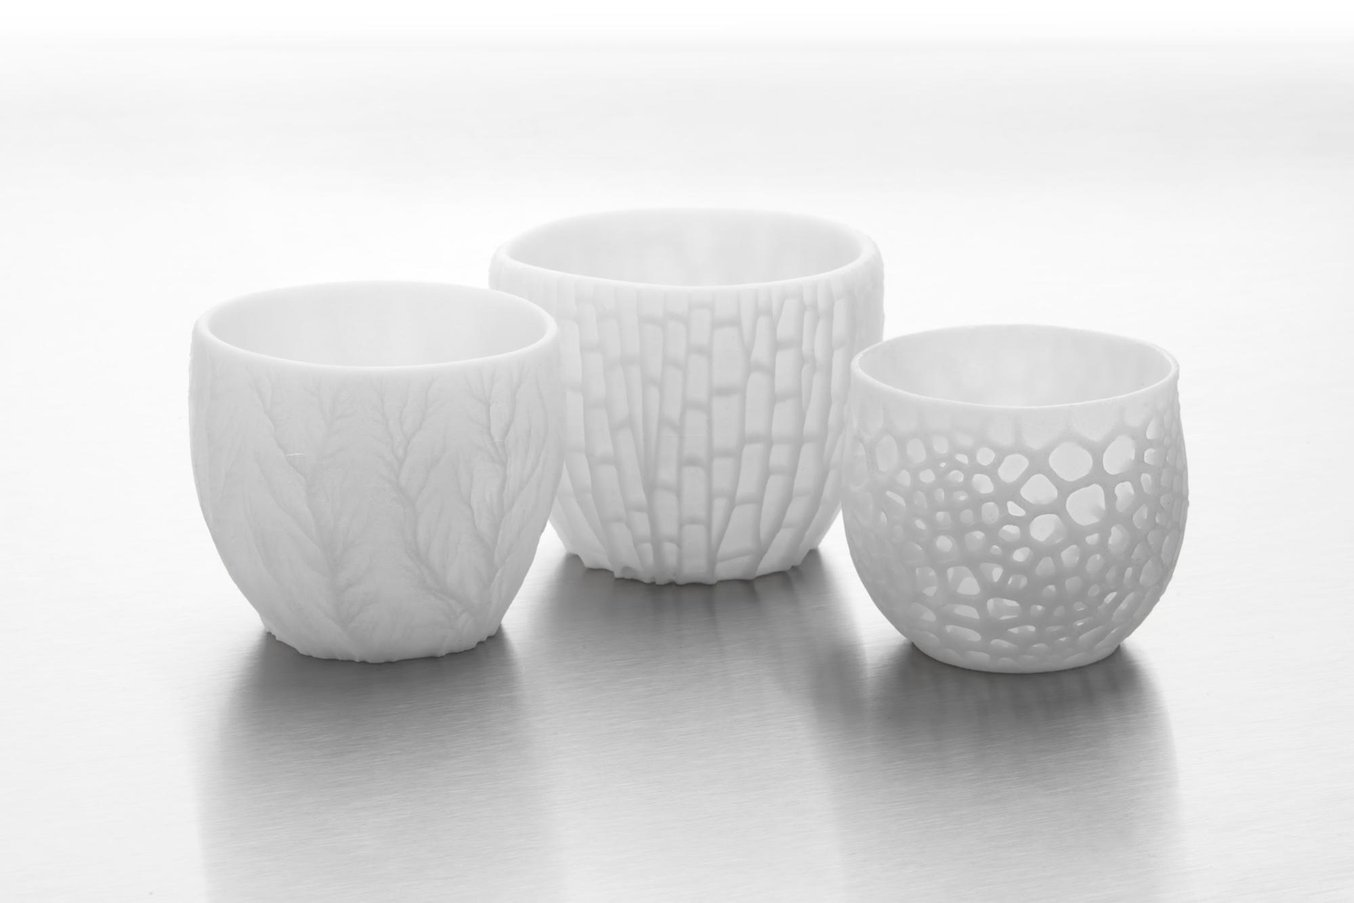 Ceramic Resin 3D printed vases